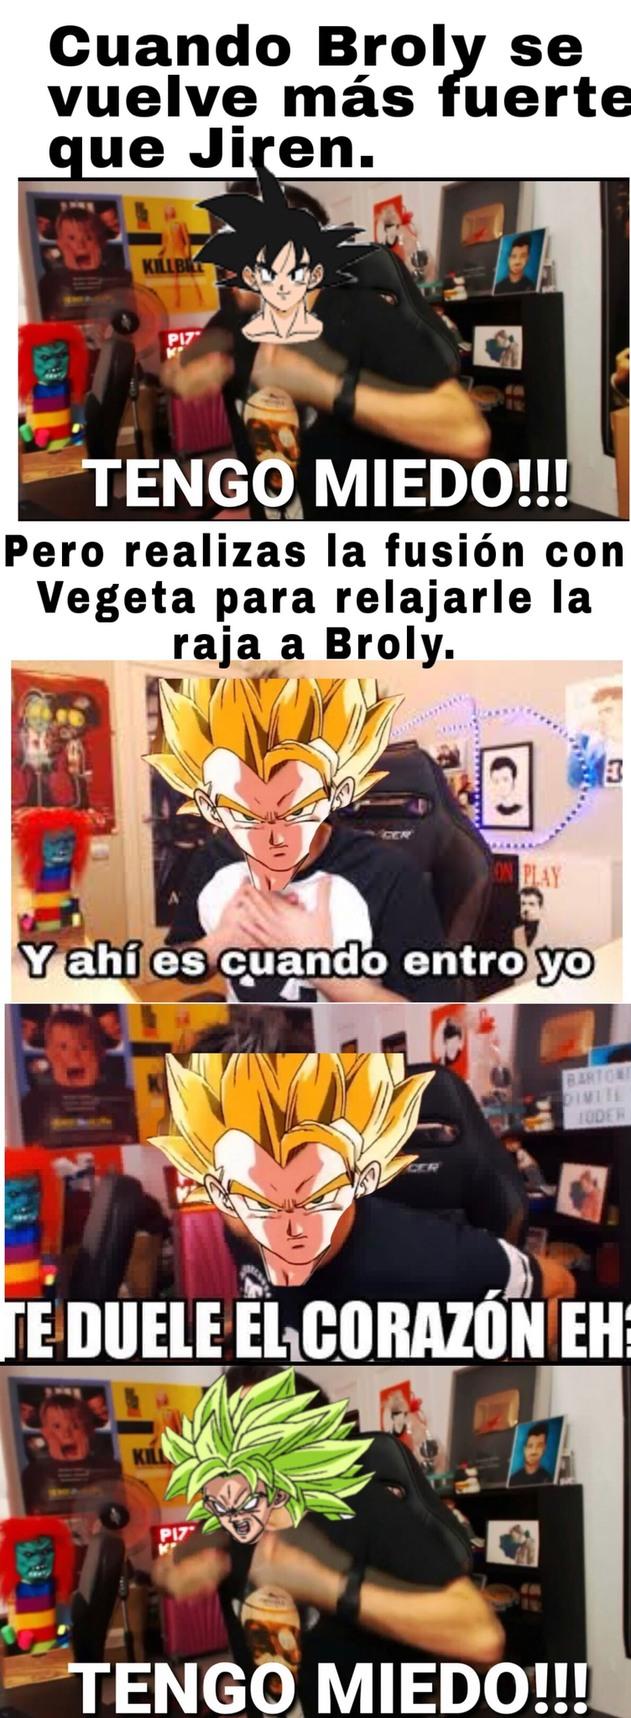 Top Memes De Broly En Espanol Memedroid